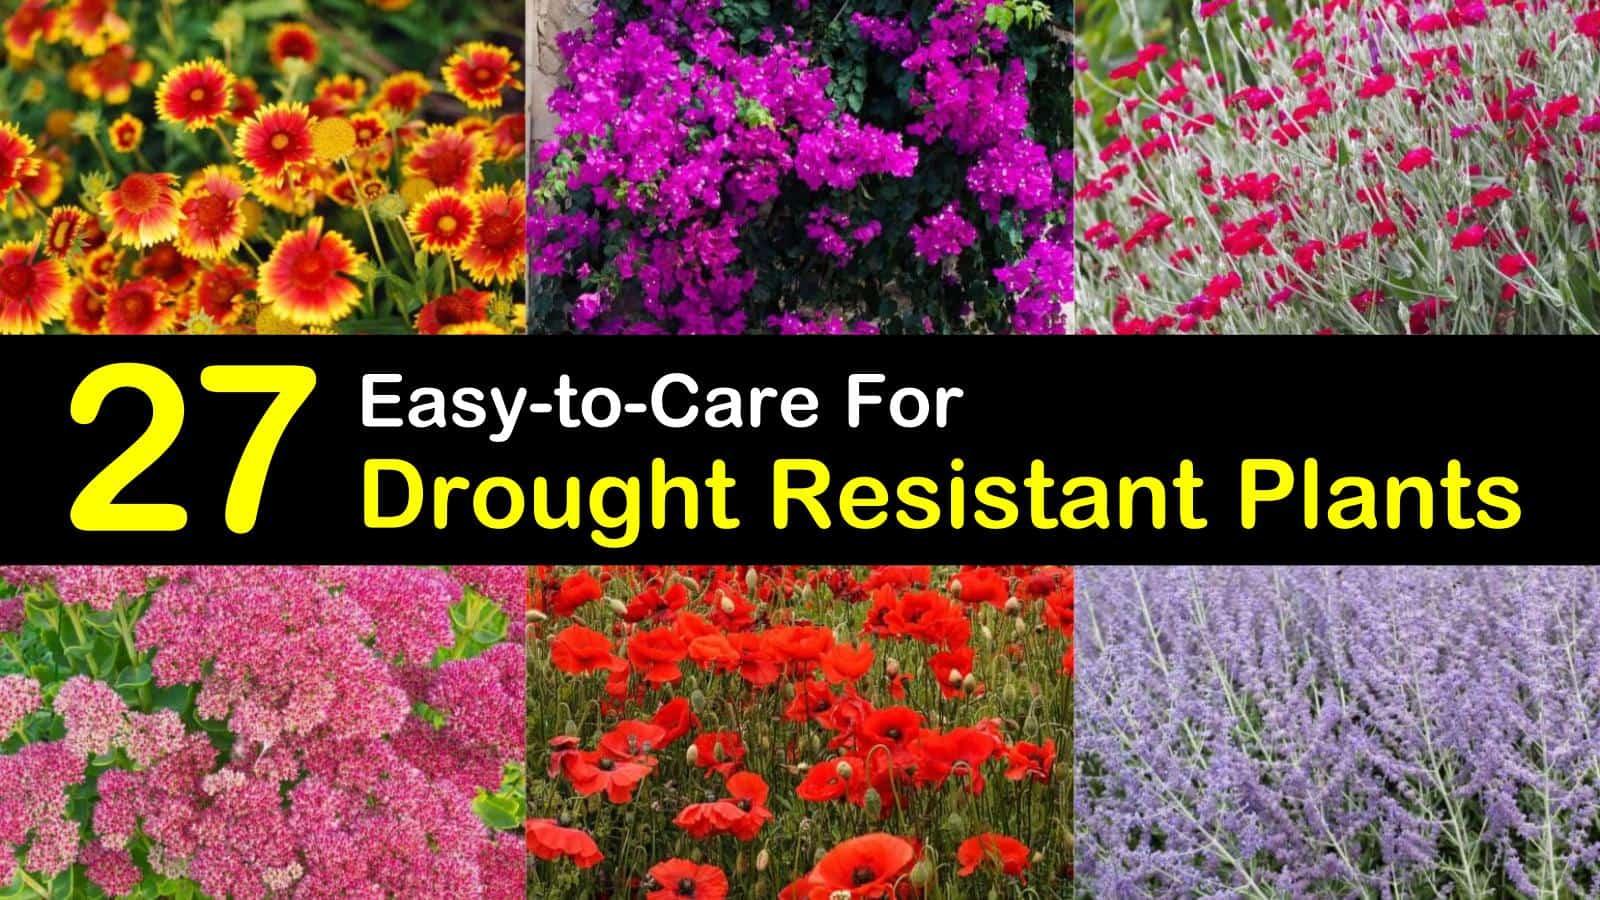 drought resistant plants titleimg1